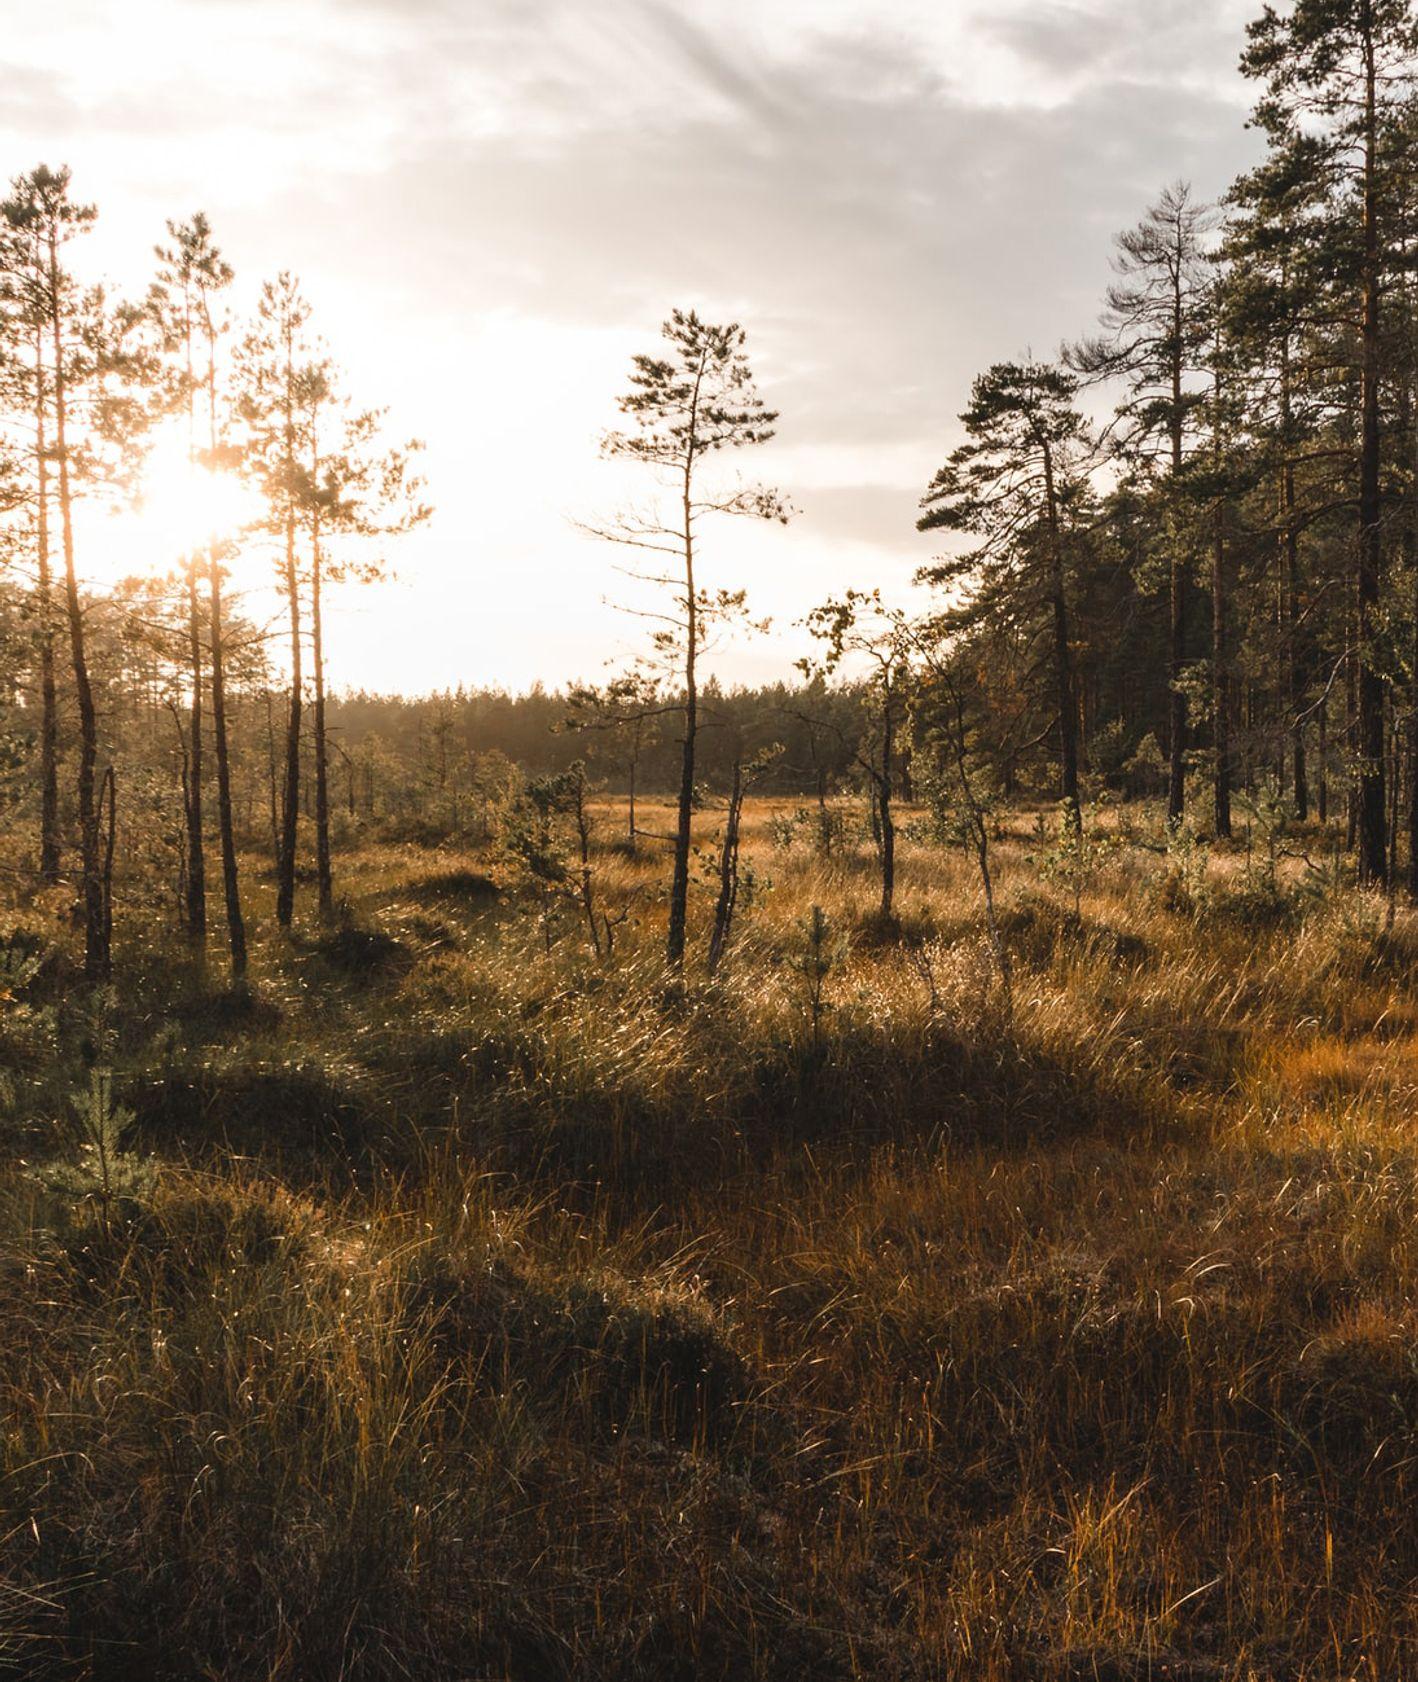 Pole wrzosowe w słoneczny, jesienny poranek (fot. Nicholas Selman / unsplash.com)